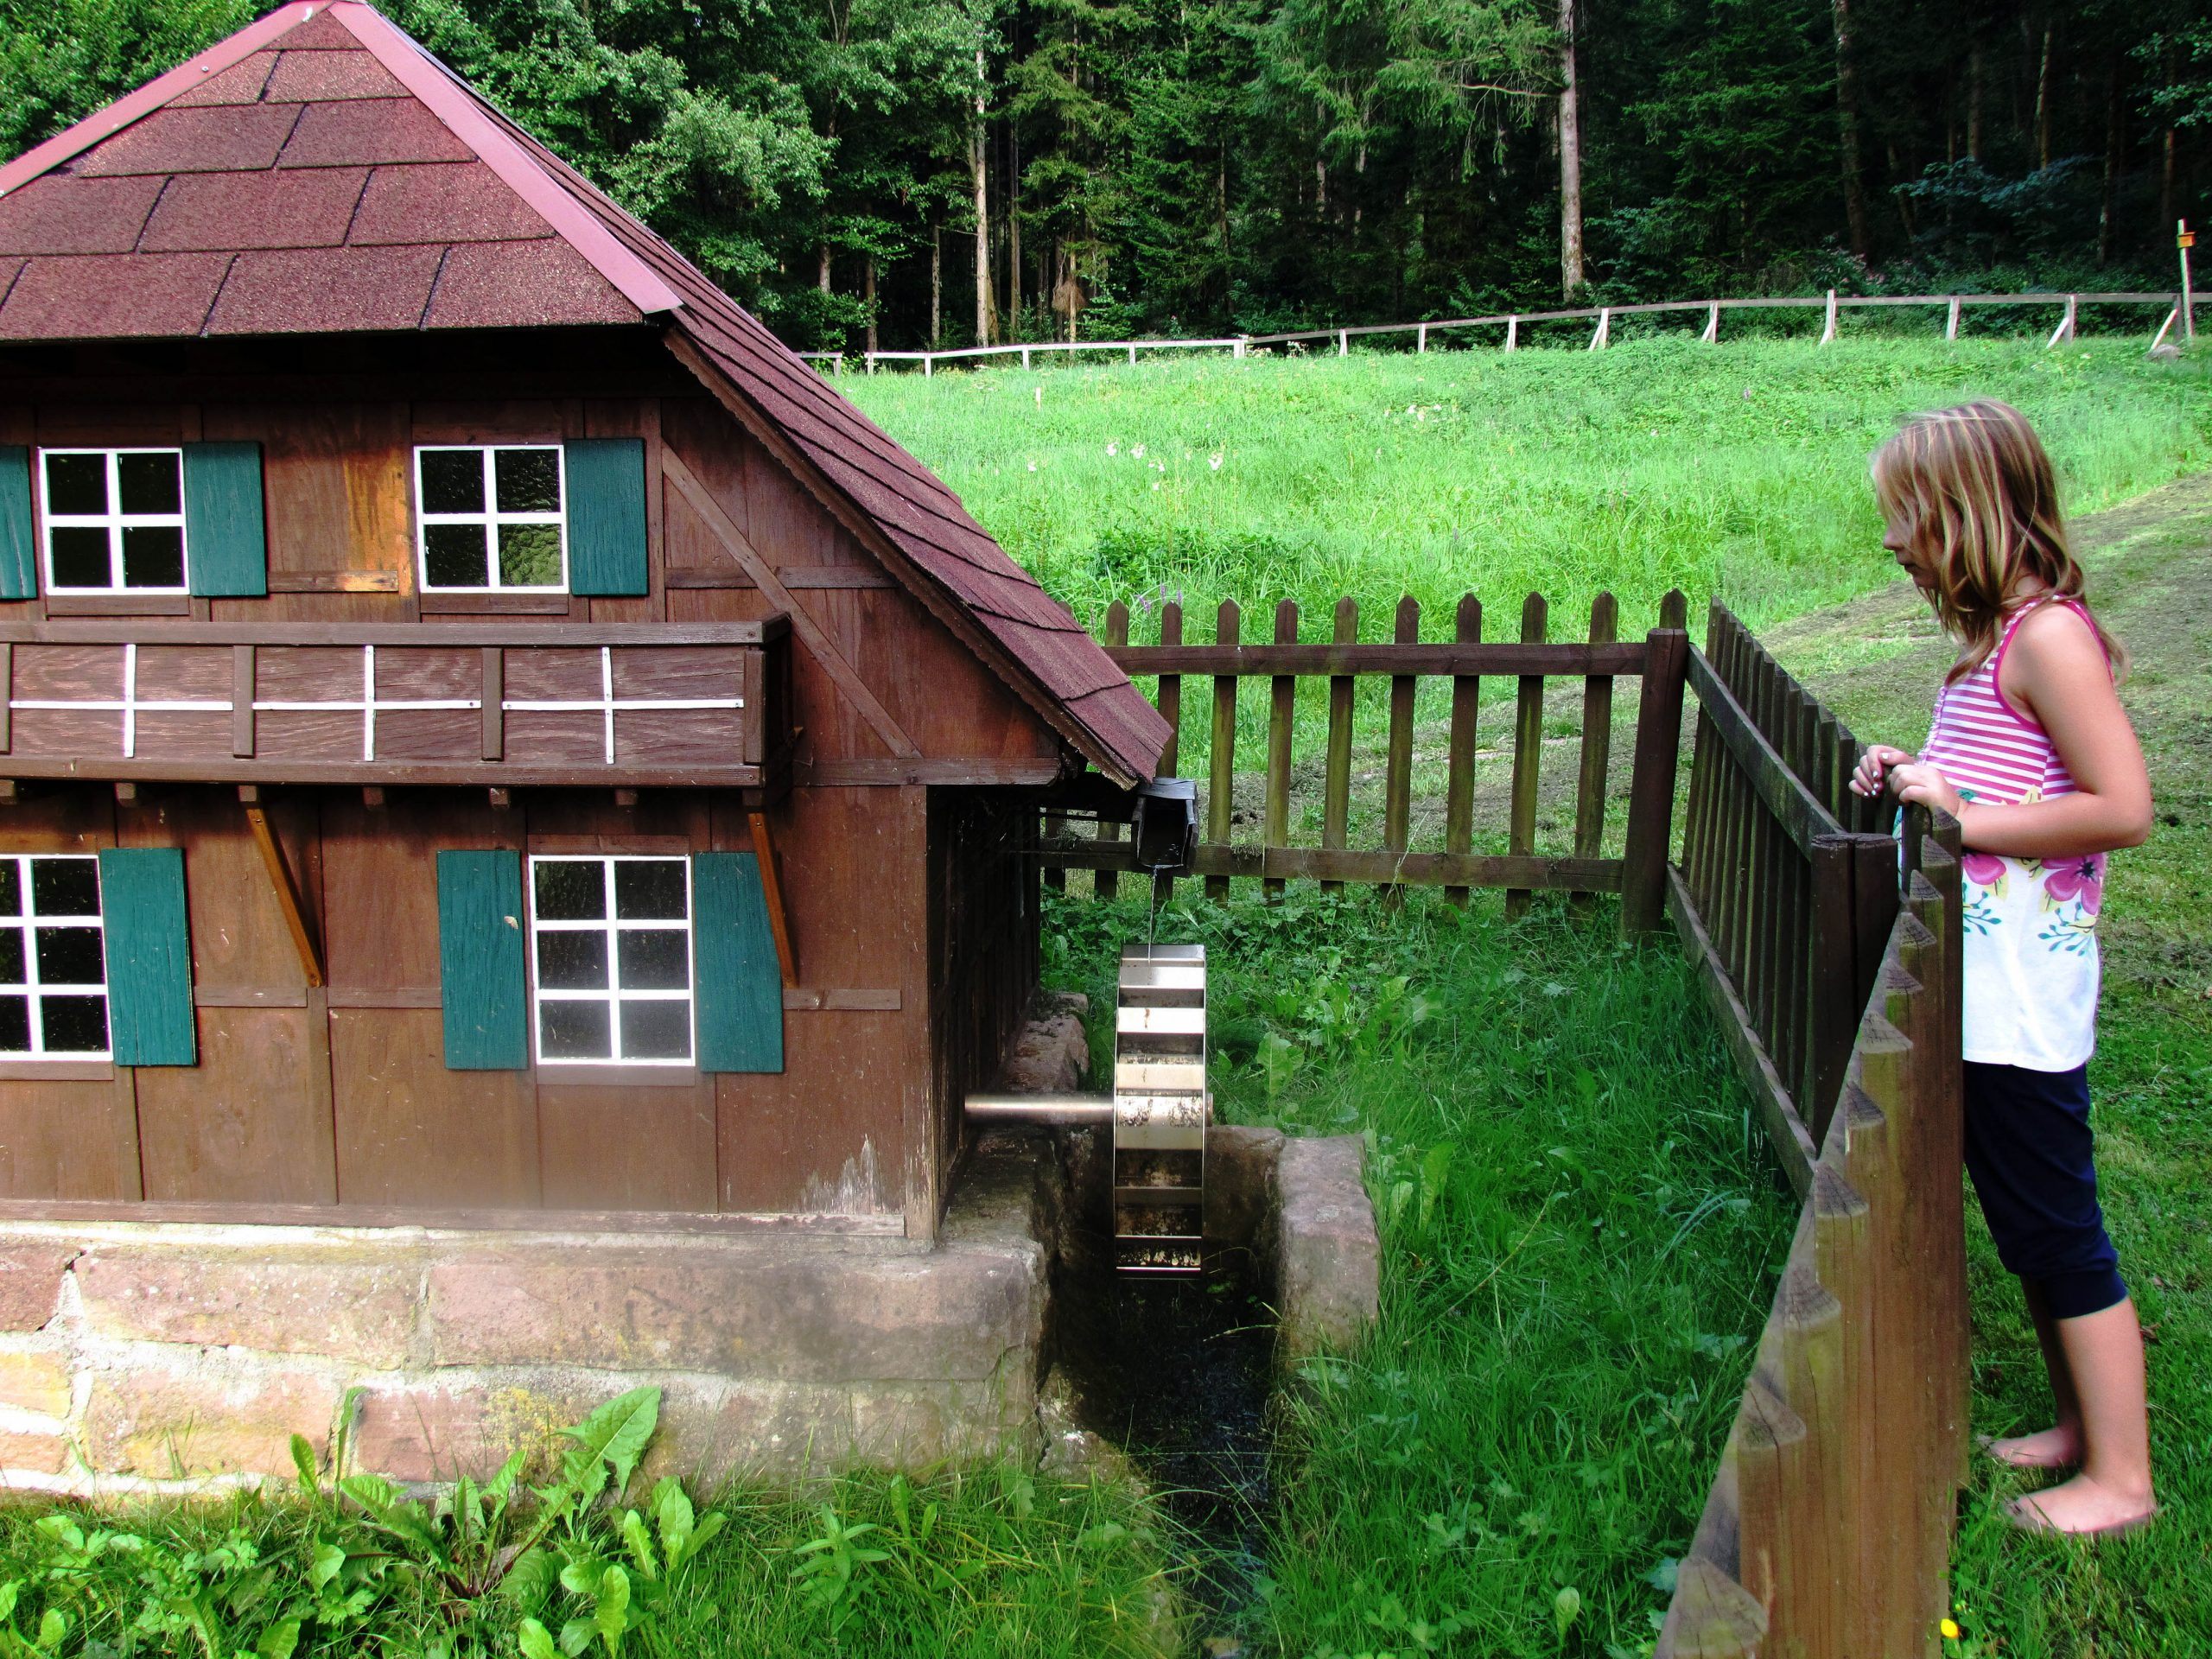 Impressionen von der Freizeitanlage Prinschbachhütte vom August 2013: